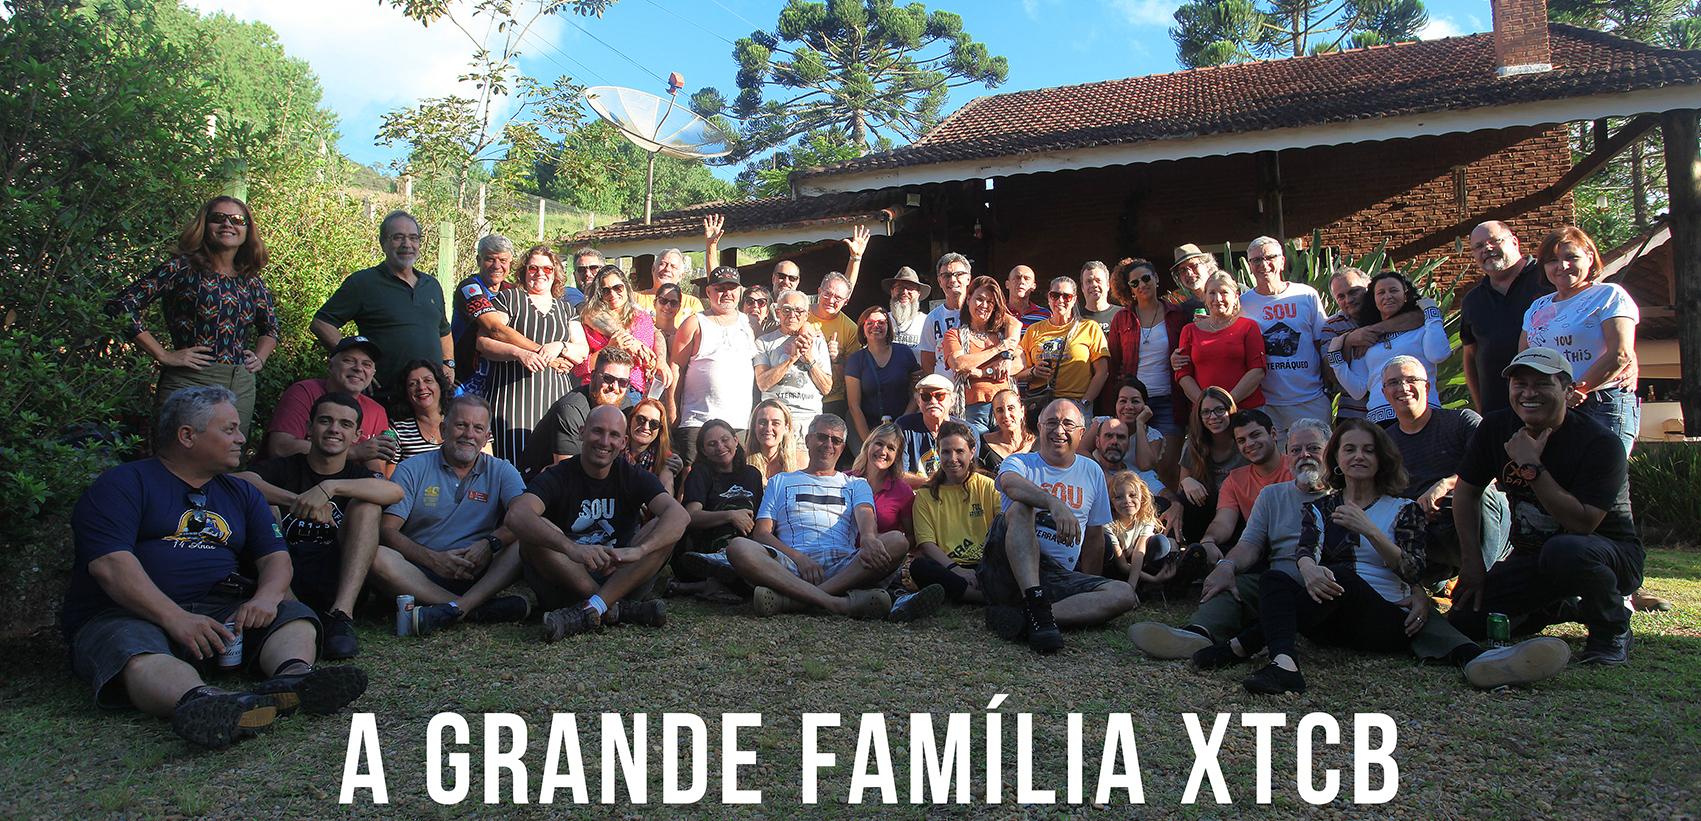 Grande família